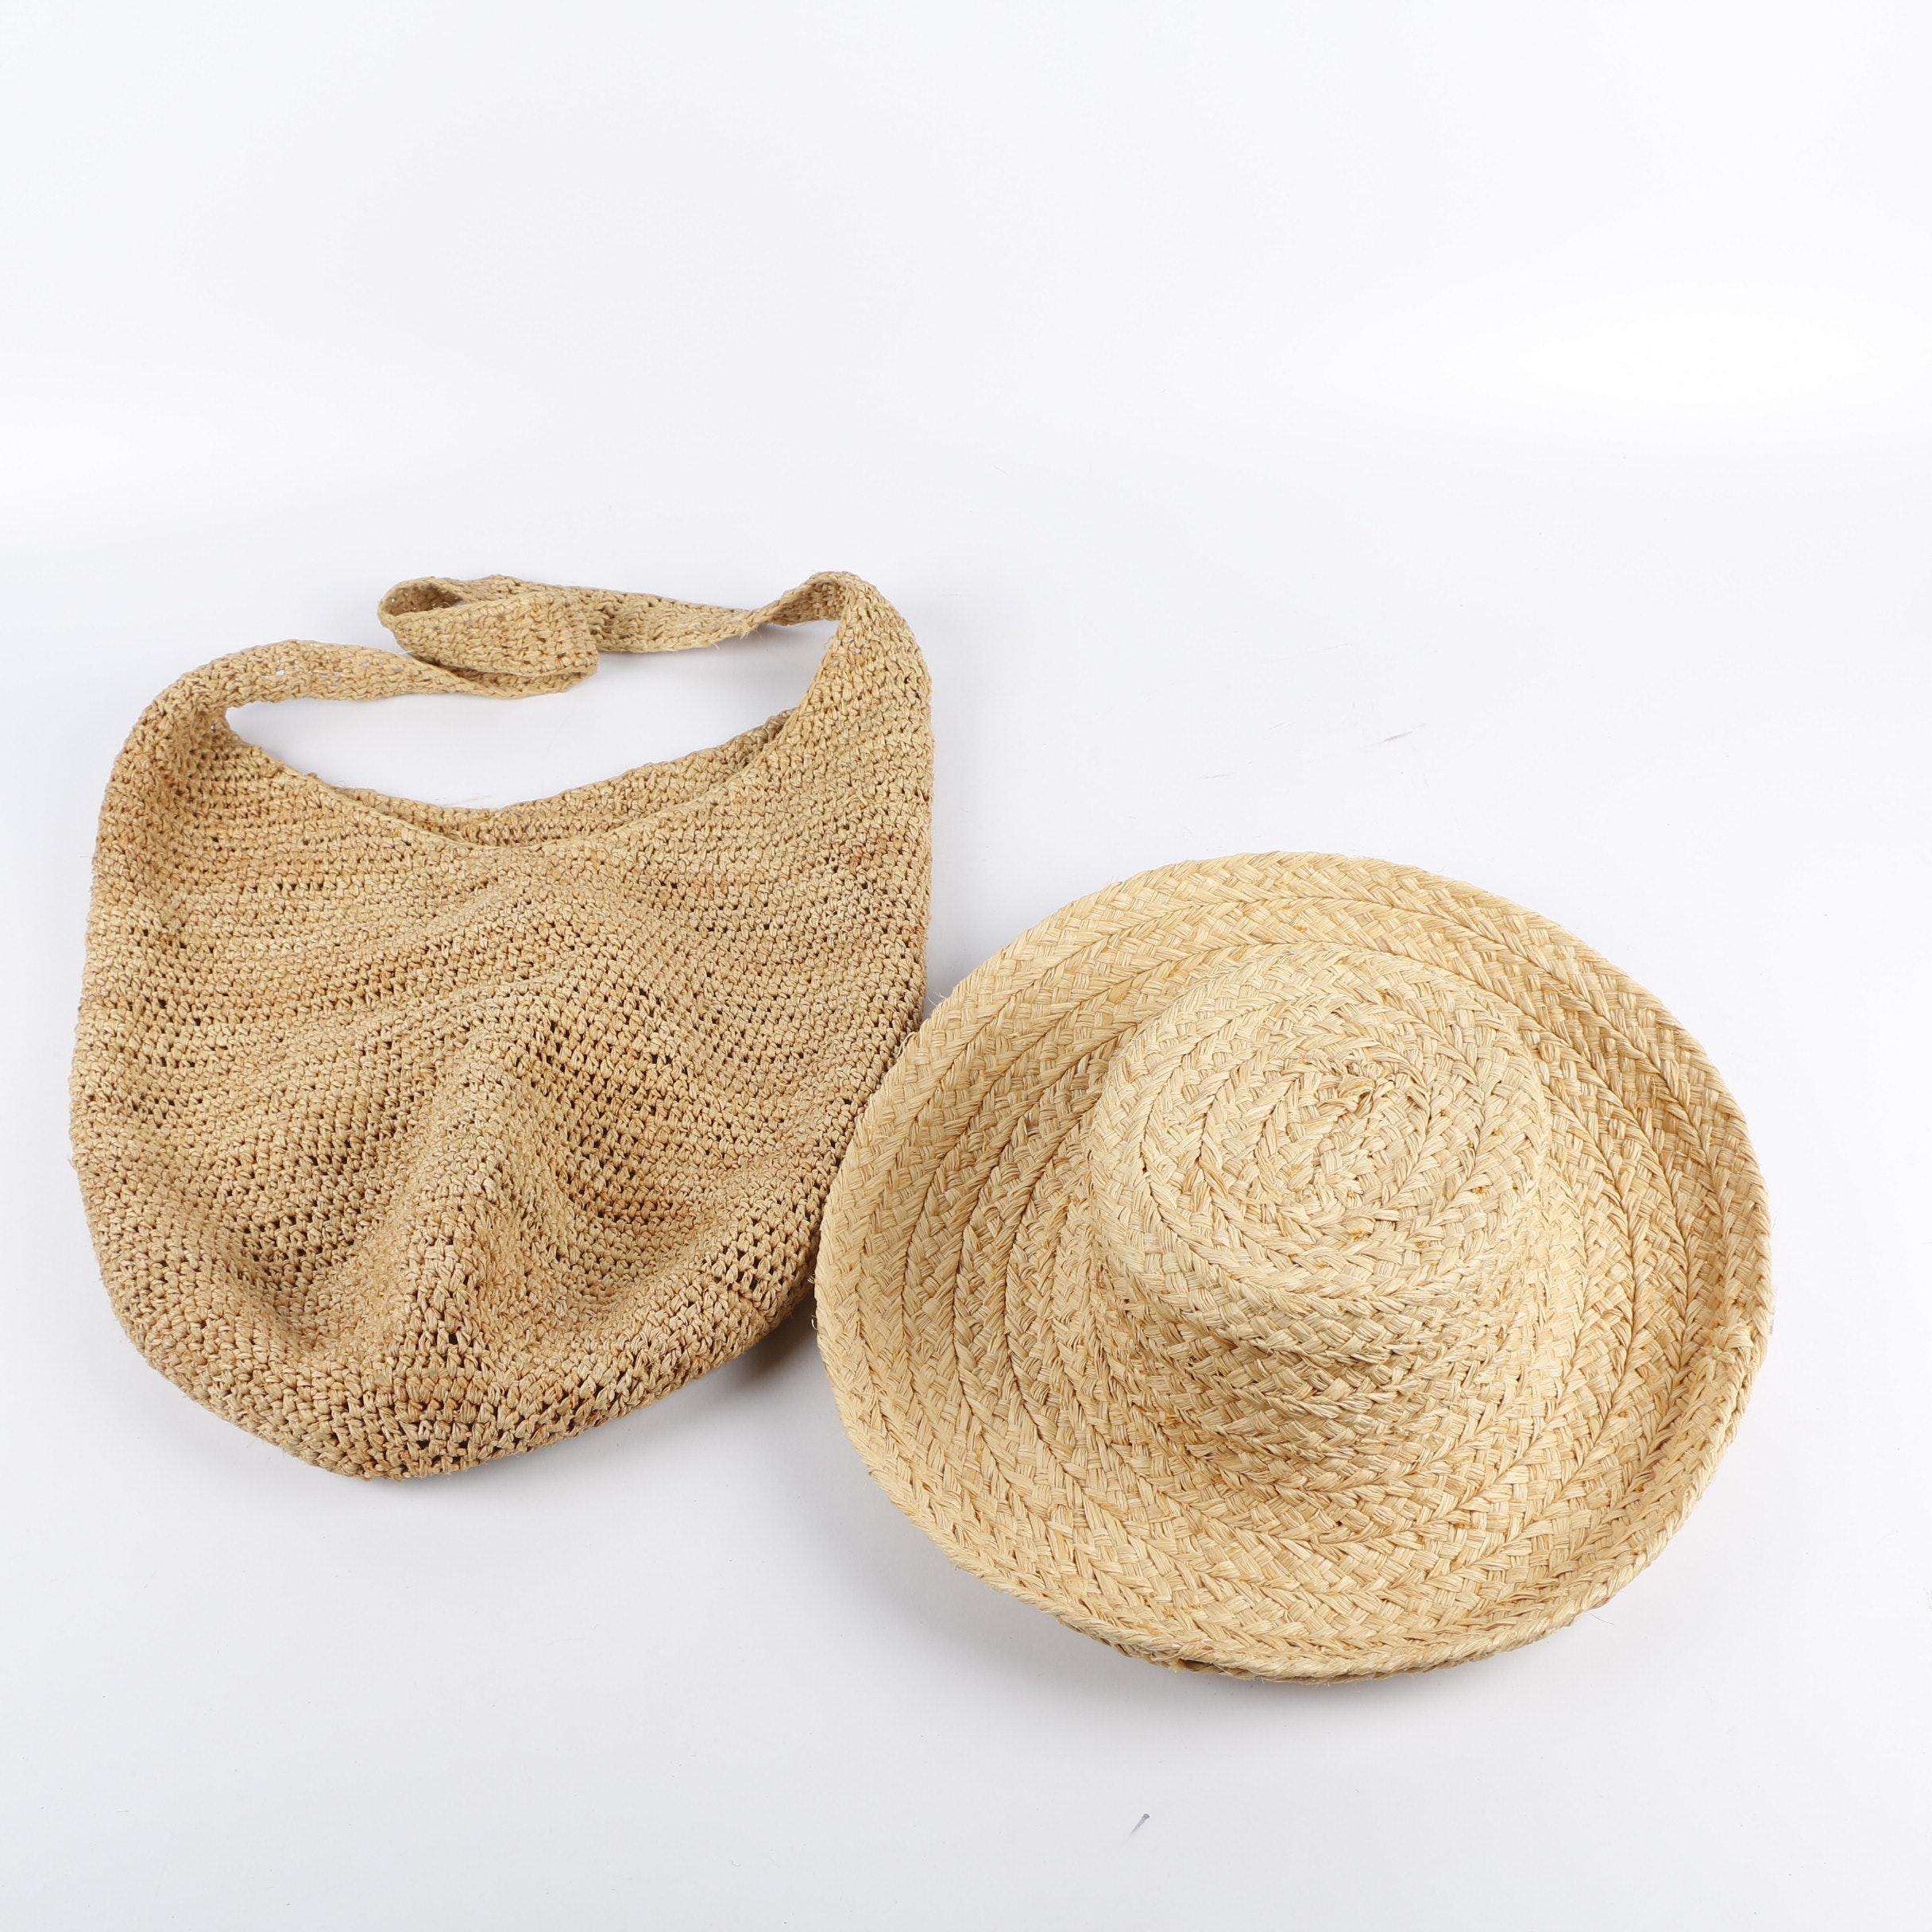 Helen Kaminski Woven Raffia Sun Hat and Handbag, made in Madagascar